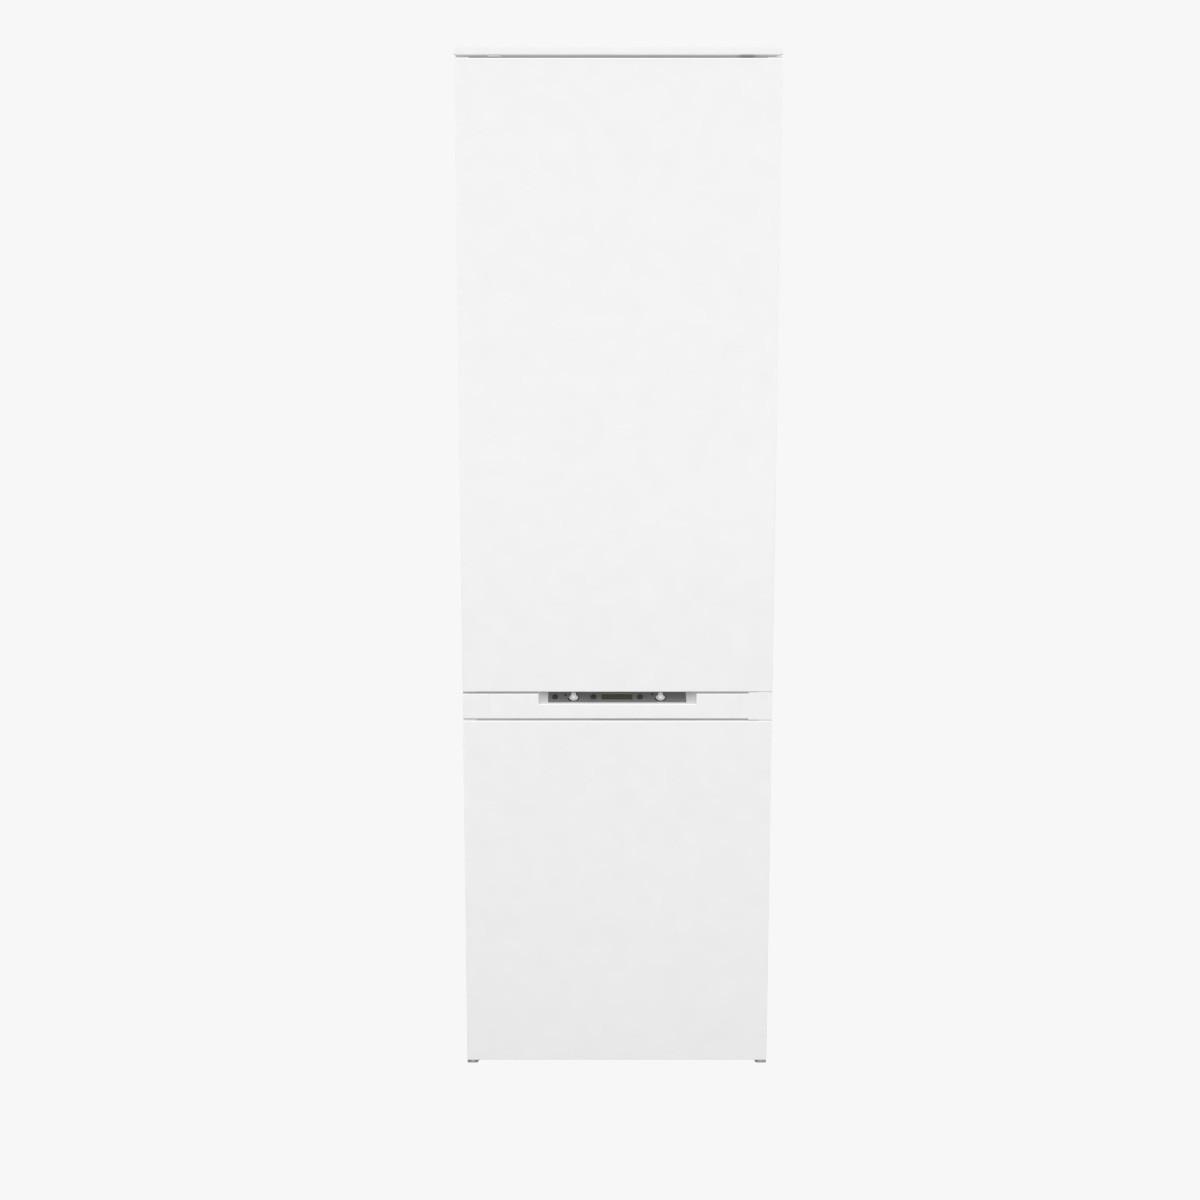 Refrigerator_3_000.jpg